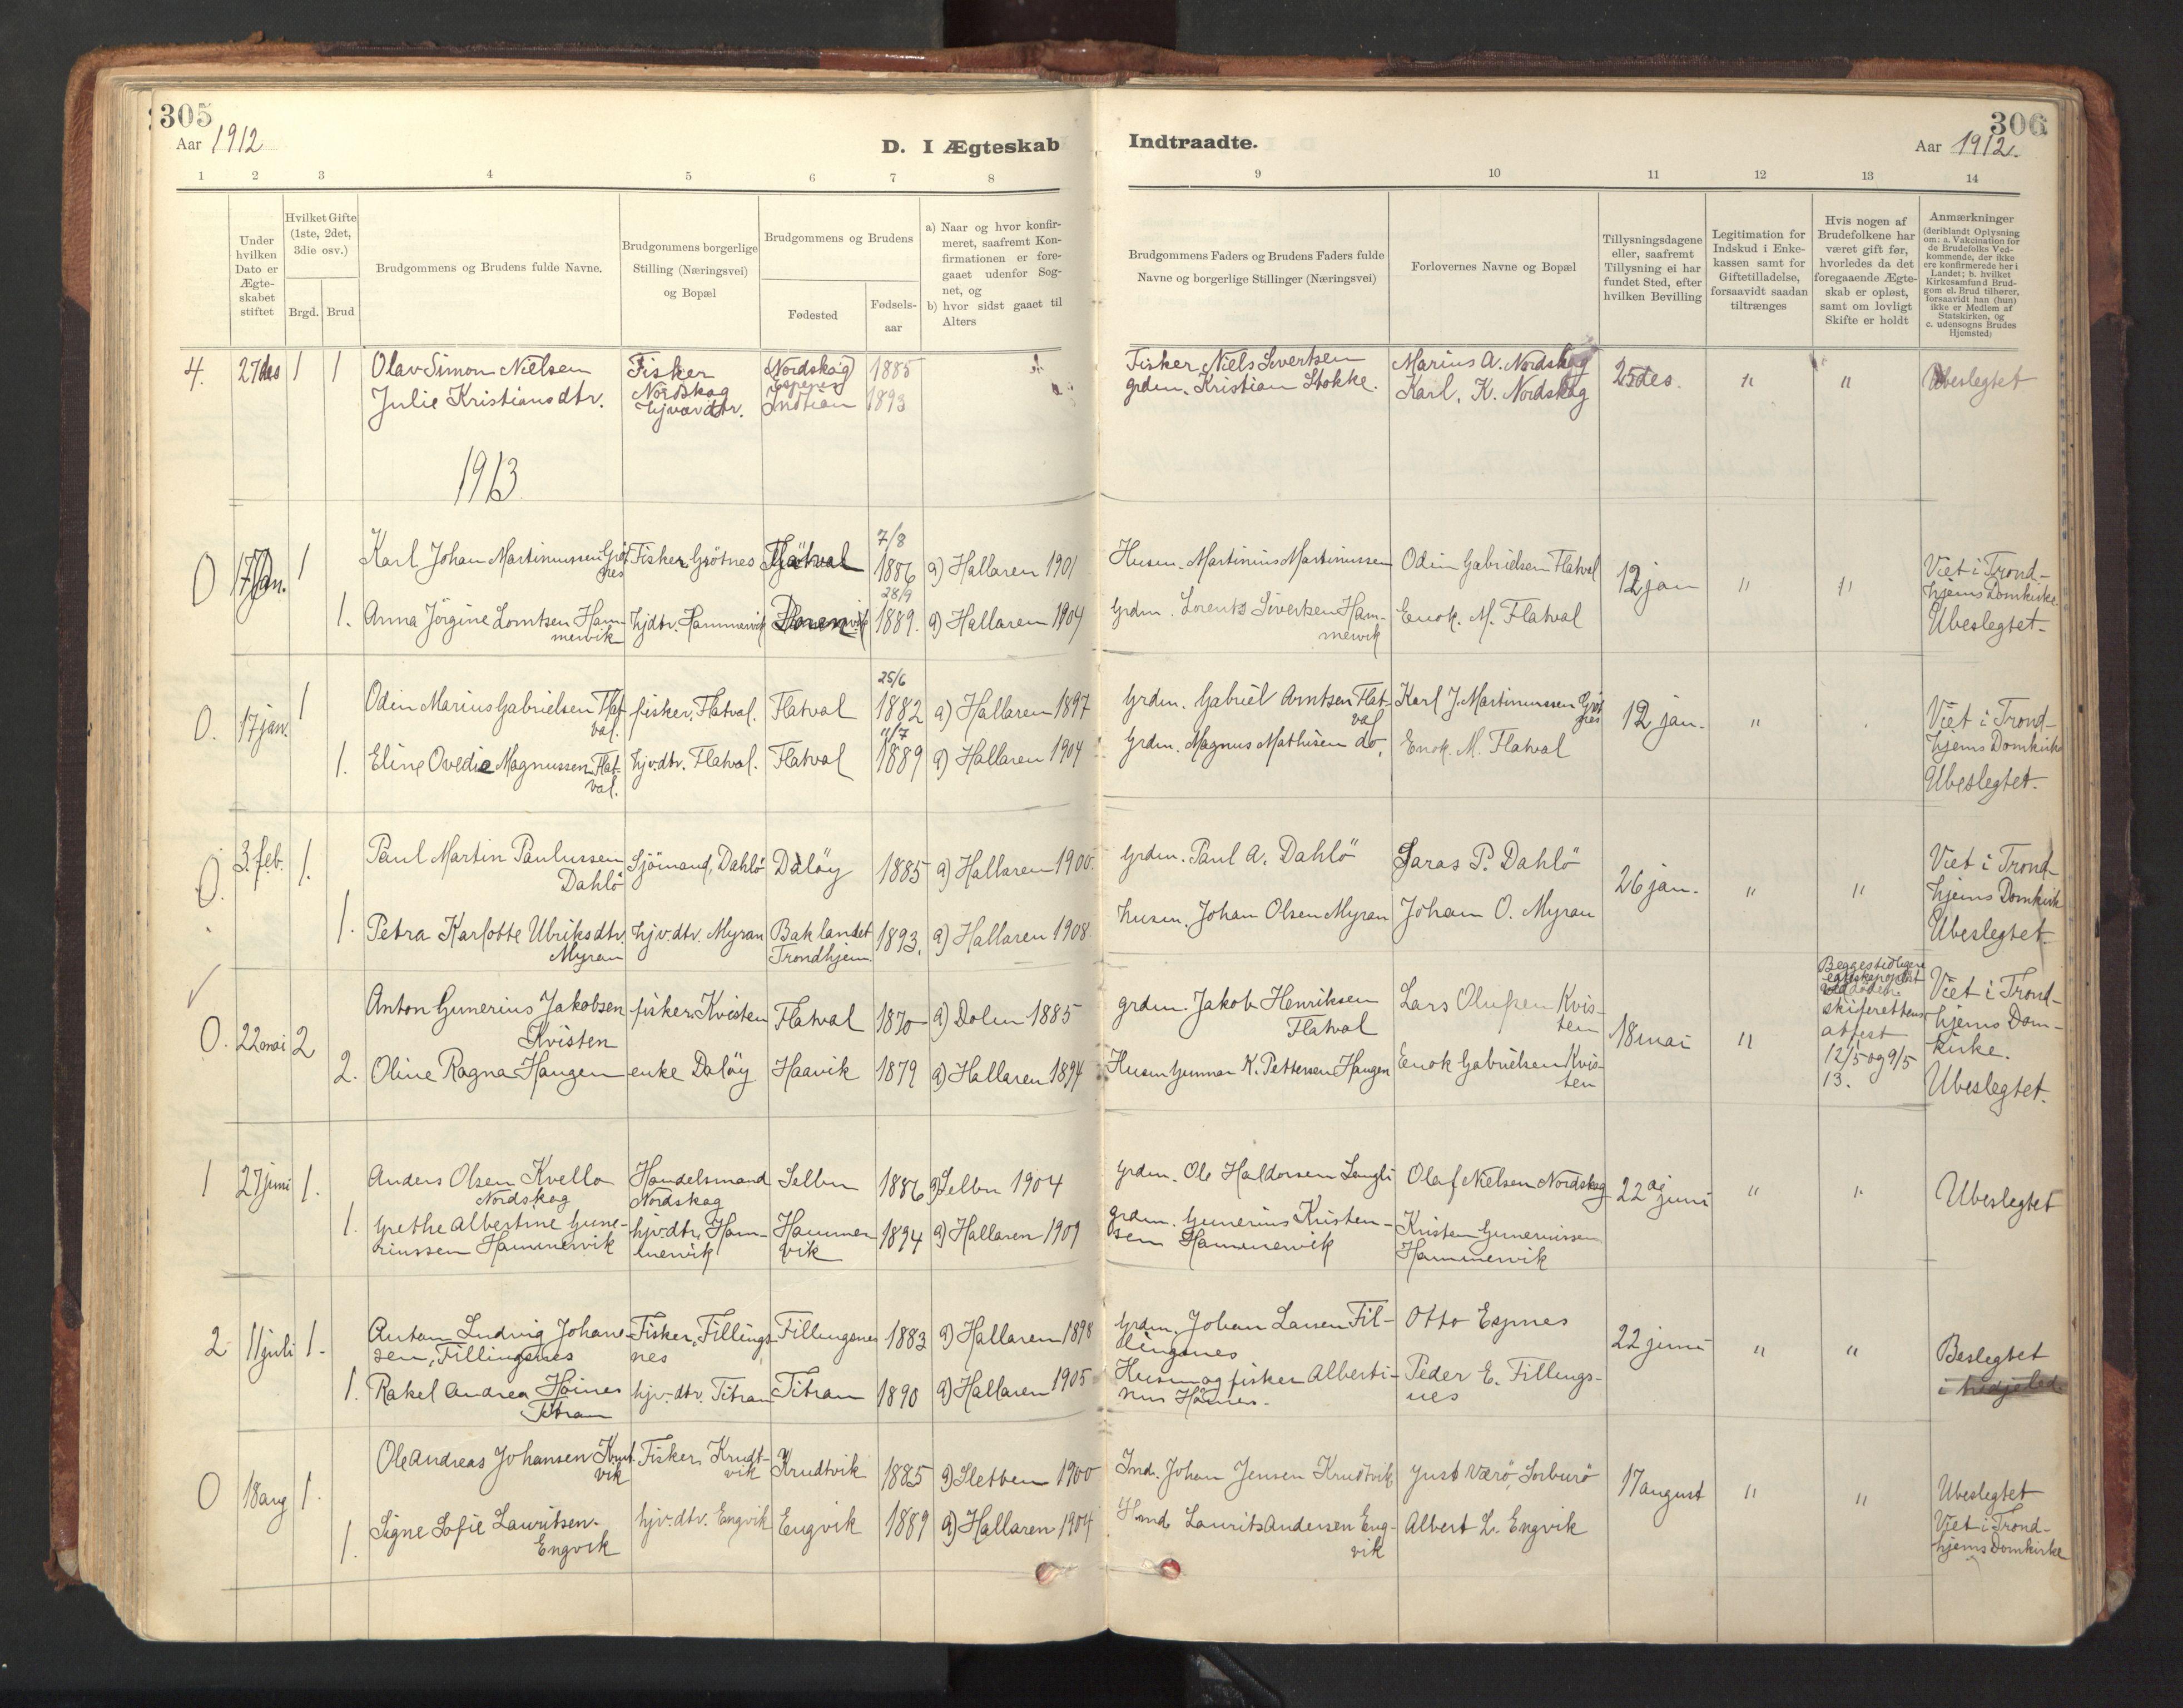 SAT, Ministerialprotokoller, klokkerbøker og fødselsregistre - Sør-Trøndelag, 641/L0596: Ministerialbok nr. 641A02, 1898-1915, s. 305-306